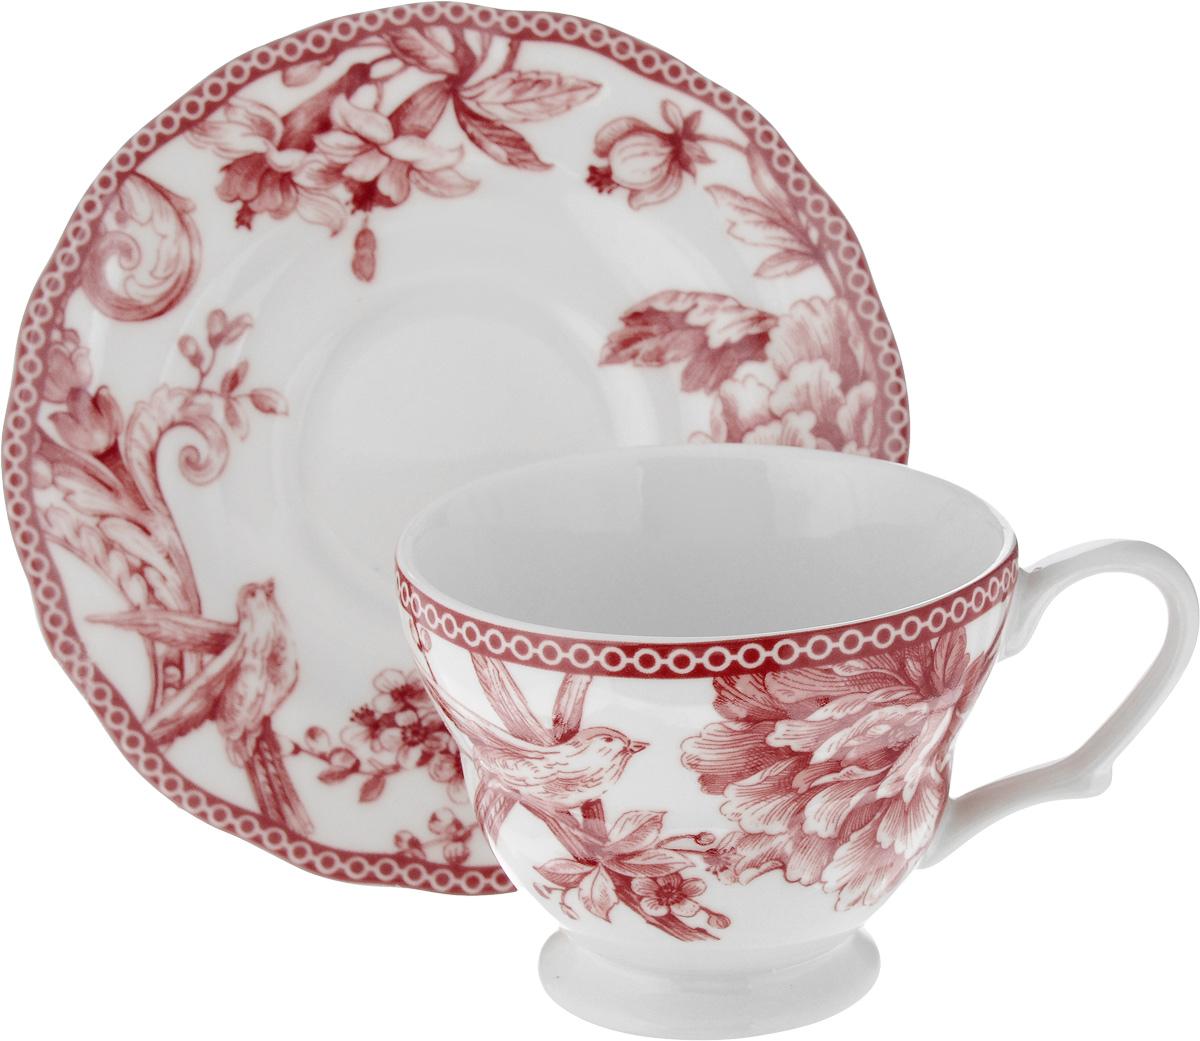 Чайная пара Sango Ceramics Аделаида Бордо, 2 предметаUTAB97301/2Чайная пара Sango Ceramics Аделаида Бордо состоит из расписной чашки и блюдца, изготовленных из экологически чистой керамики. Керамика - исключительно термостойкий, экологически чистый материал, сохраняющий все натуральные свойства воды и ее природный вкус, обладающий низкой теплопроводностью - напиток дольше остается горячим.Чайная пара Sango Ceramics Аделаида Бордо станет отличным подарком для любителей чая и ценителей расписной посуды из качественных природных материалов.Яркий дизайн изделий, несомненно, придется вам по вкусу.Изделия можно мыть в посудомоечной машине и использовать в микроволной печи. Объем чашки: 200 мл.Диаметр чашки (по верхнему краю): 9,5 см.Высота чашки: 7,5 см.Диаметр блюдца: 15 см.Высота блюдца: 2,5 см.